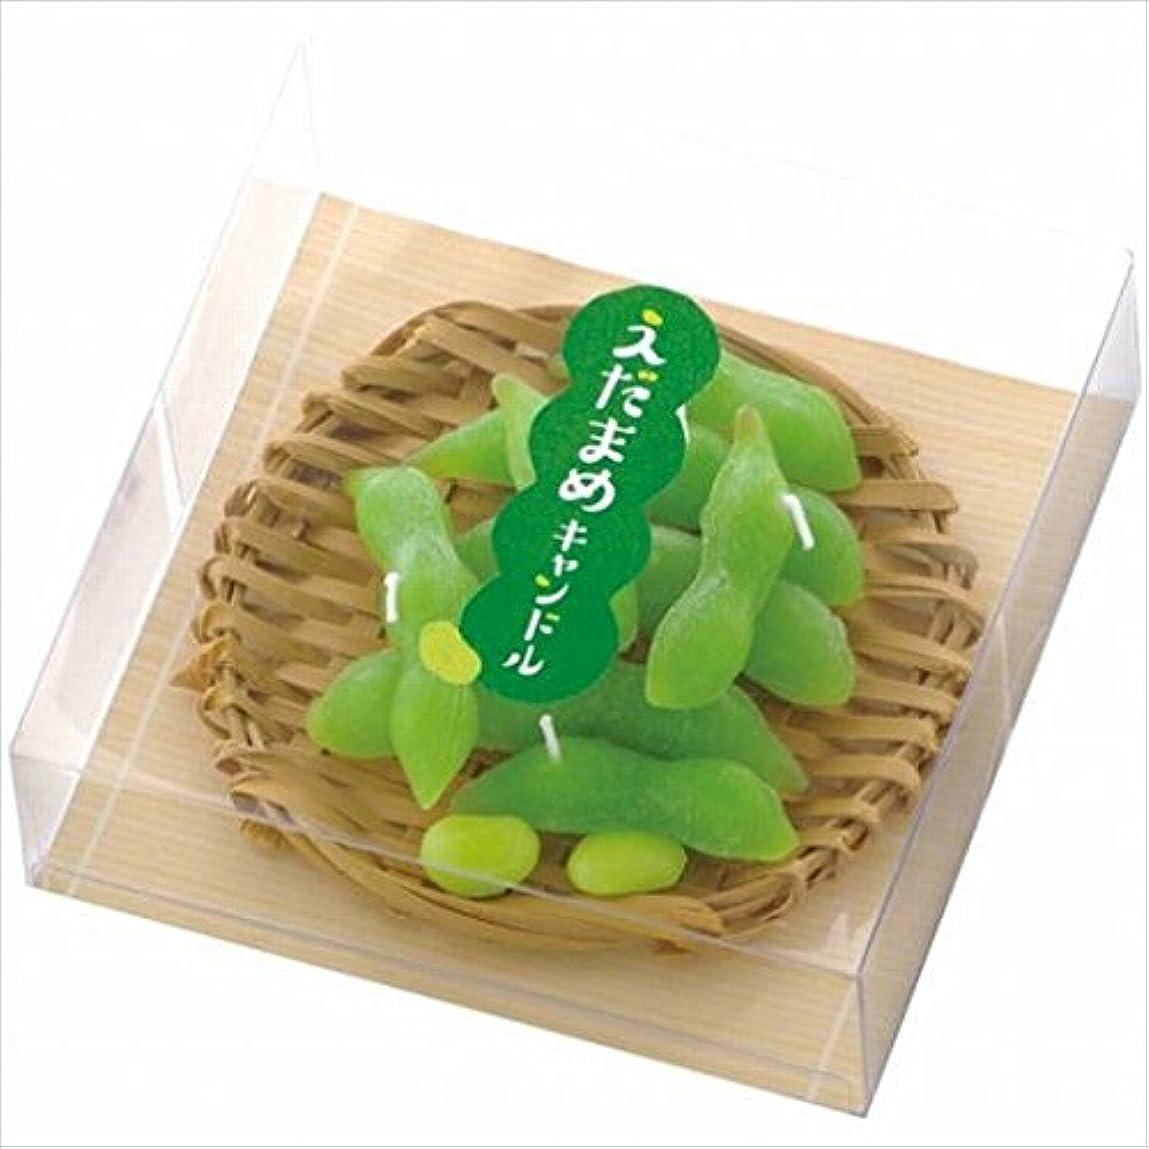 薬用多分乞食kameyama candle(カメヤマキャンドル) えだまめキャンドル(86990000)